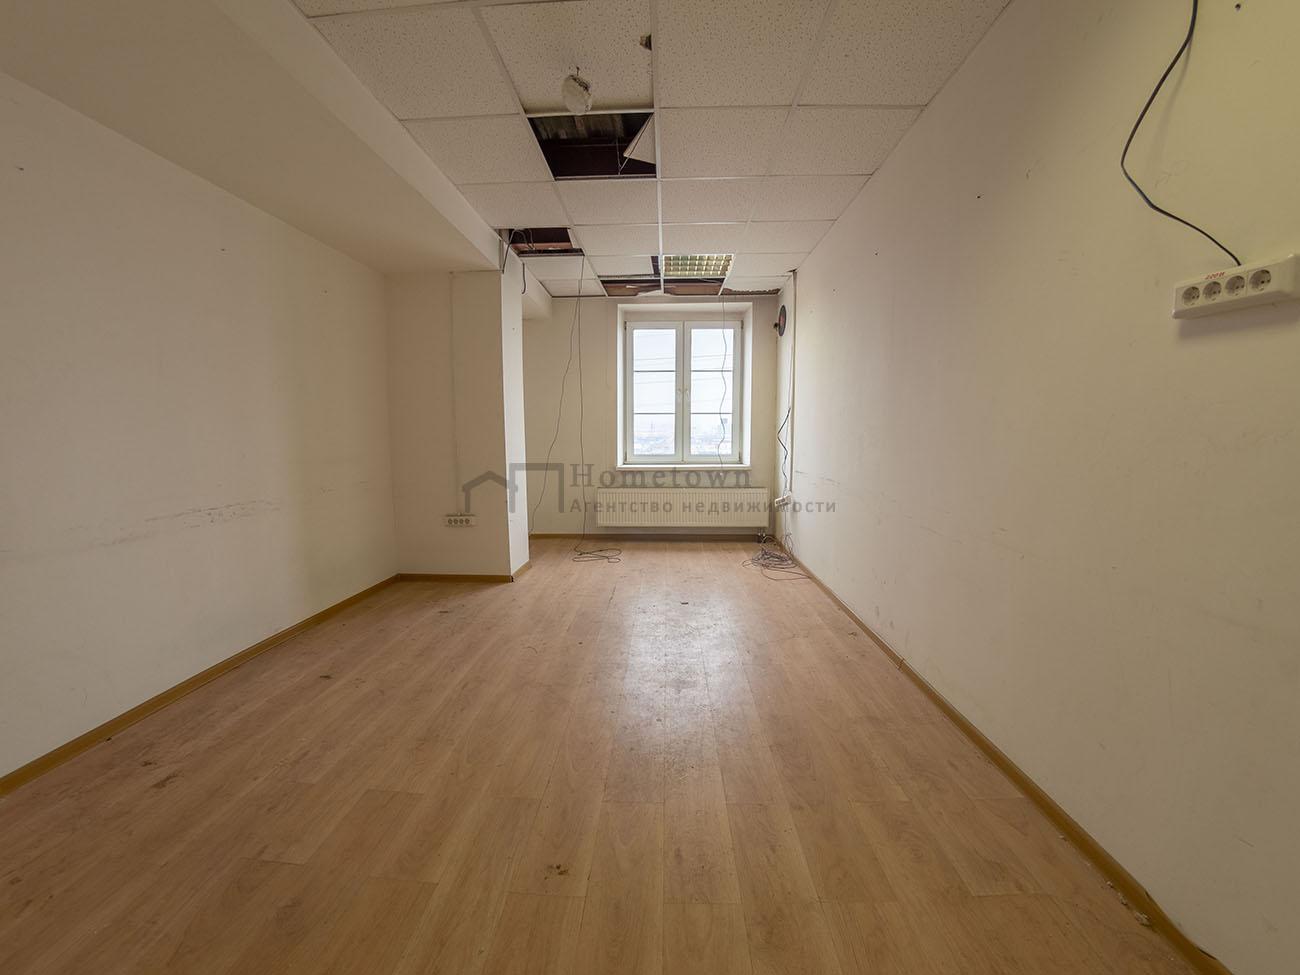 Офис 18м2 в Реутове